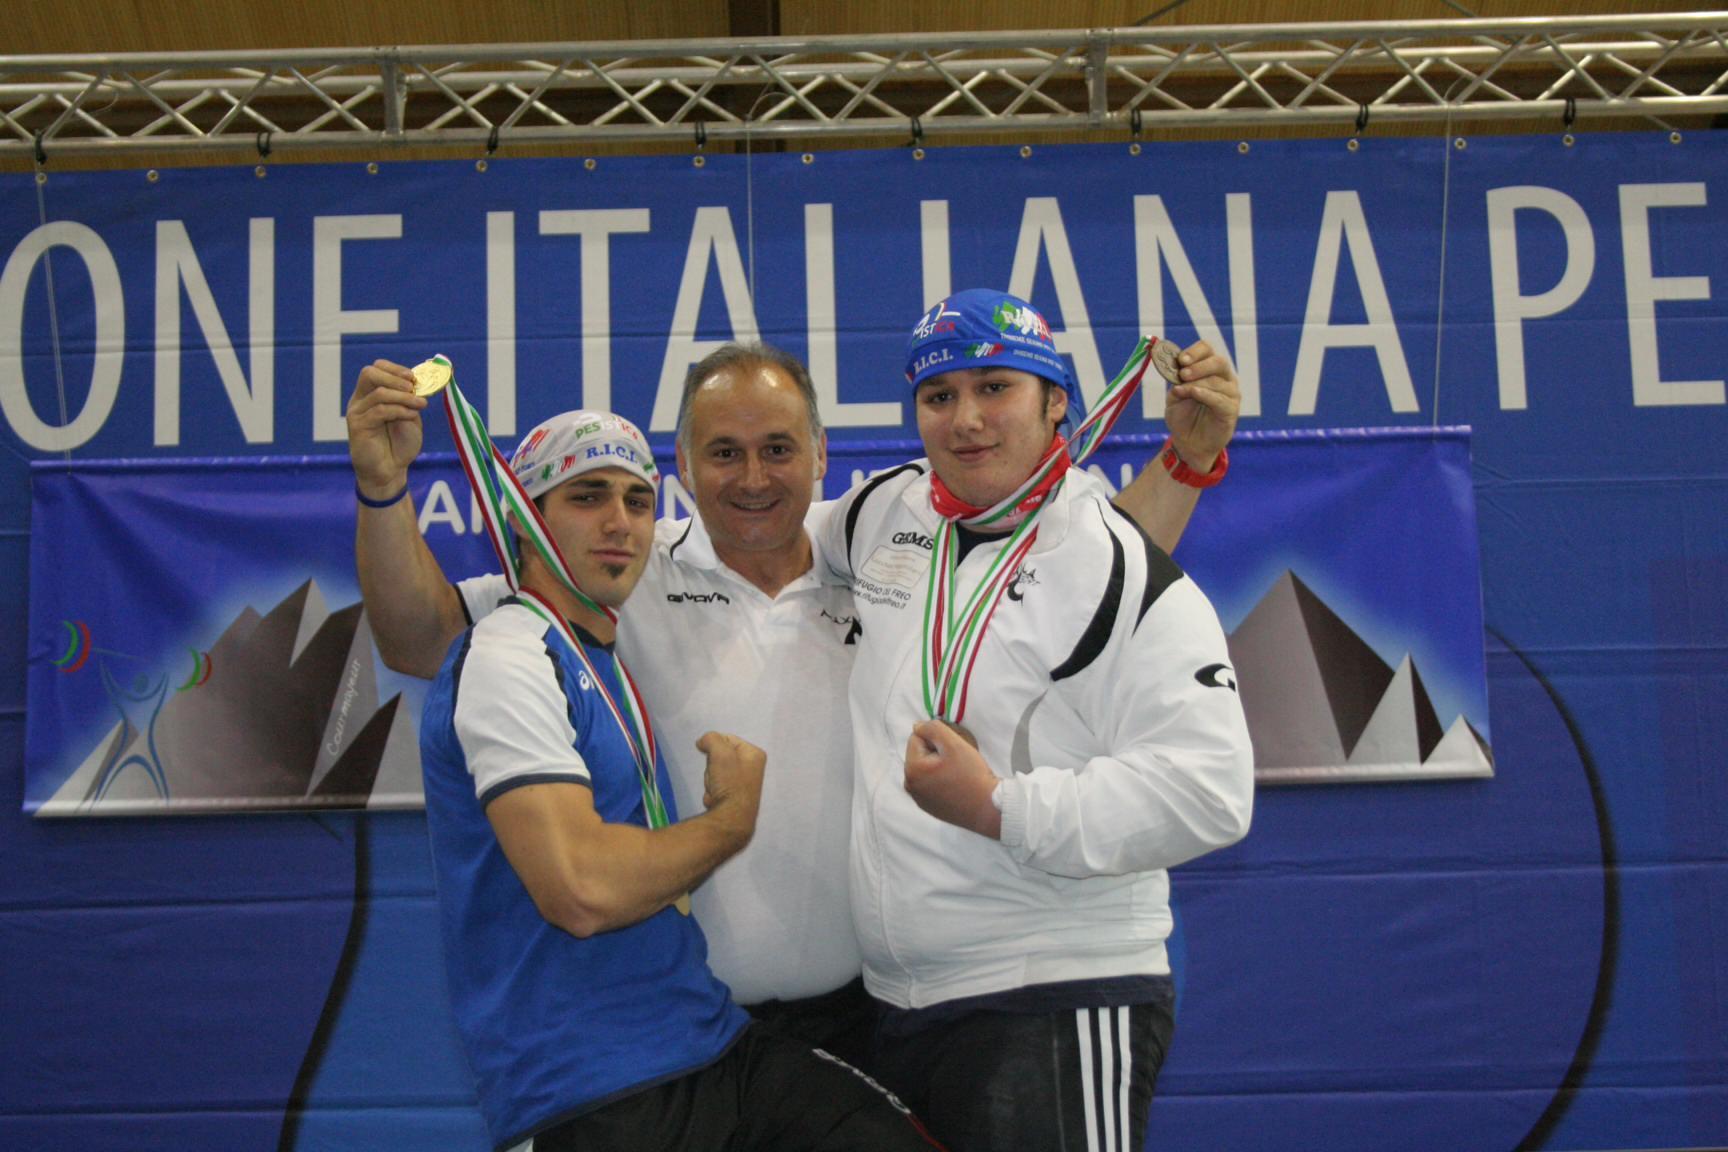 Pesistica, trionfo per i camaioresi Faciano e Moriconi ai campionati juniores di Courmayeur